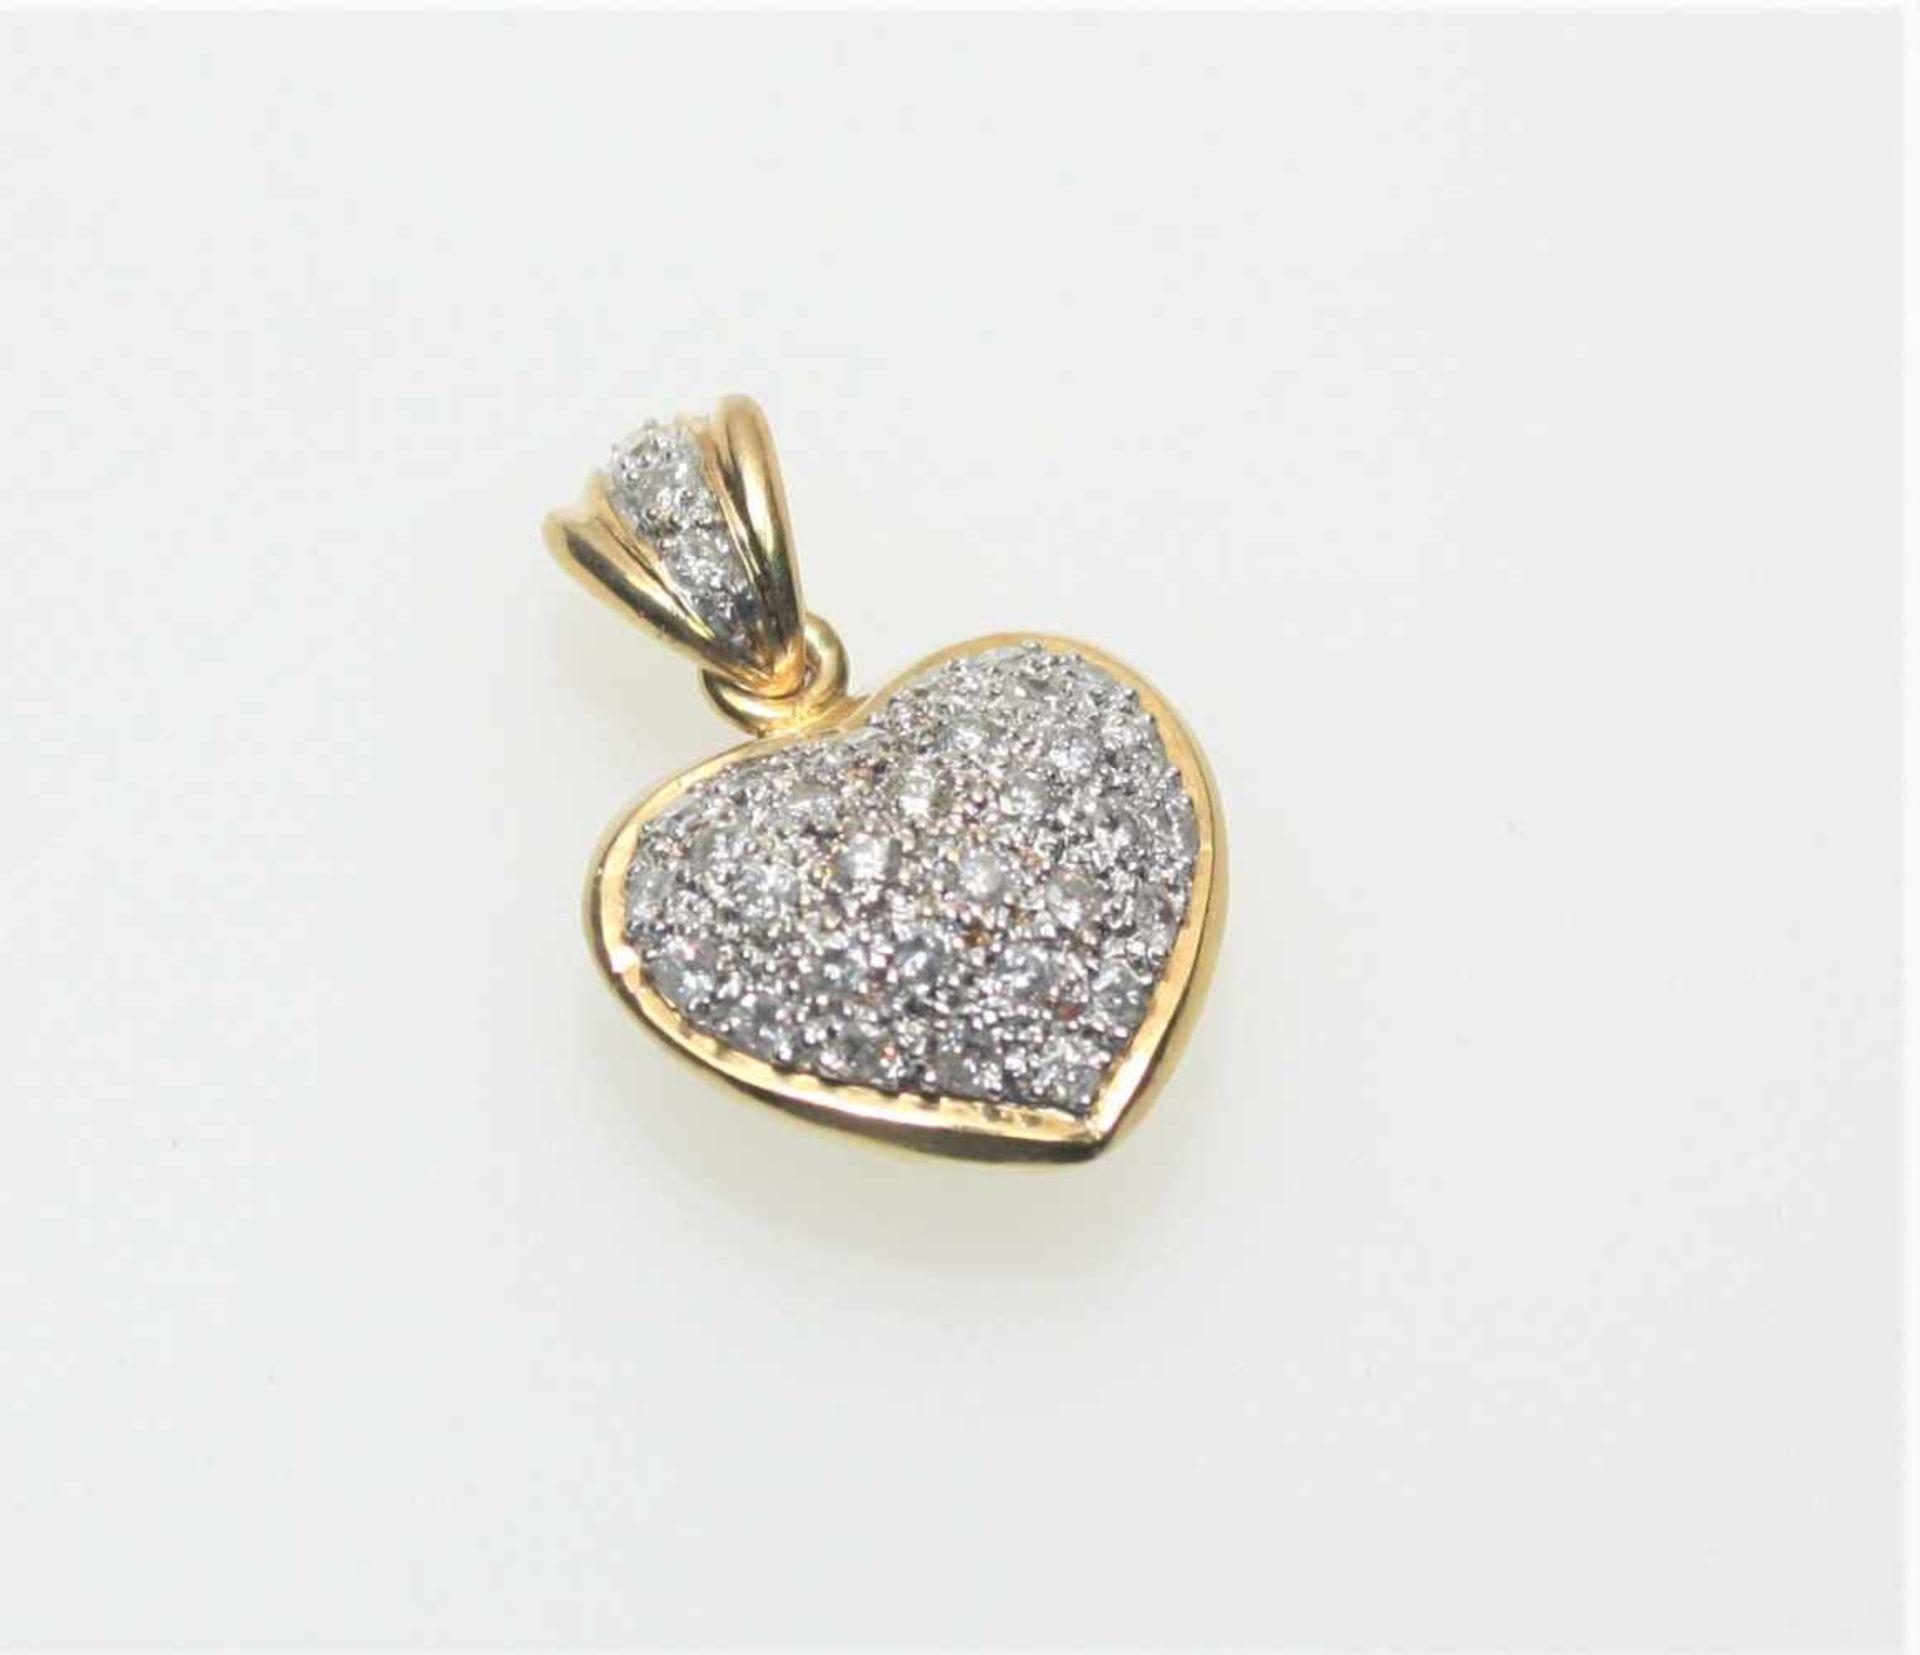 Kleiner Herzanhänger in Gelb- und Weißgold 750/f gest., paveé ausgefasst mit Diamanten in